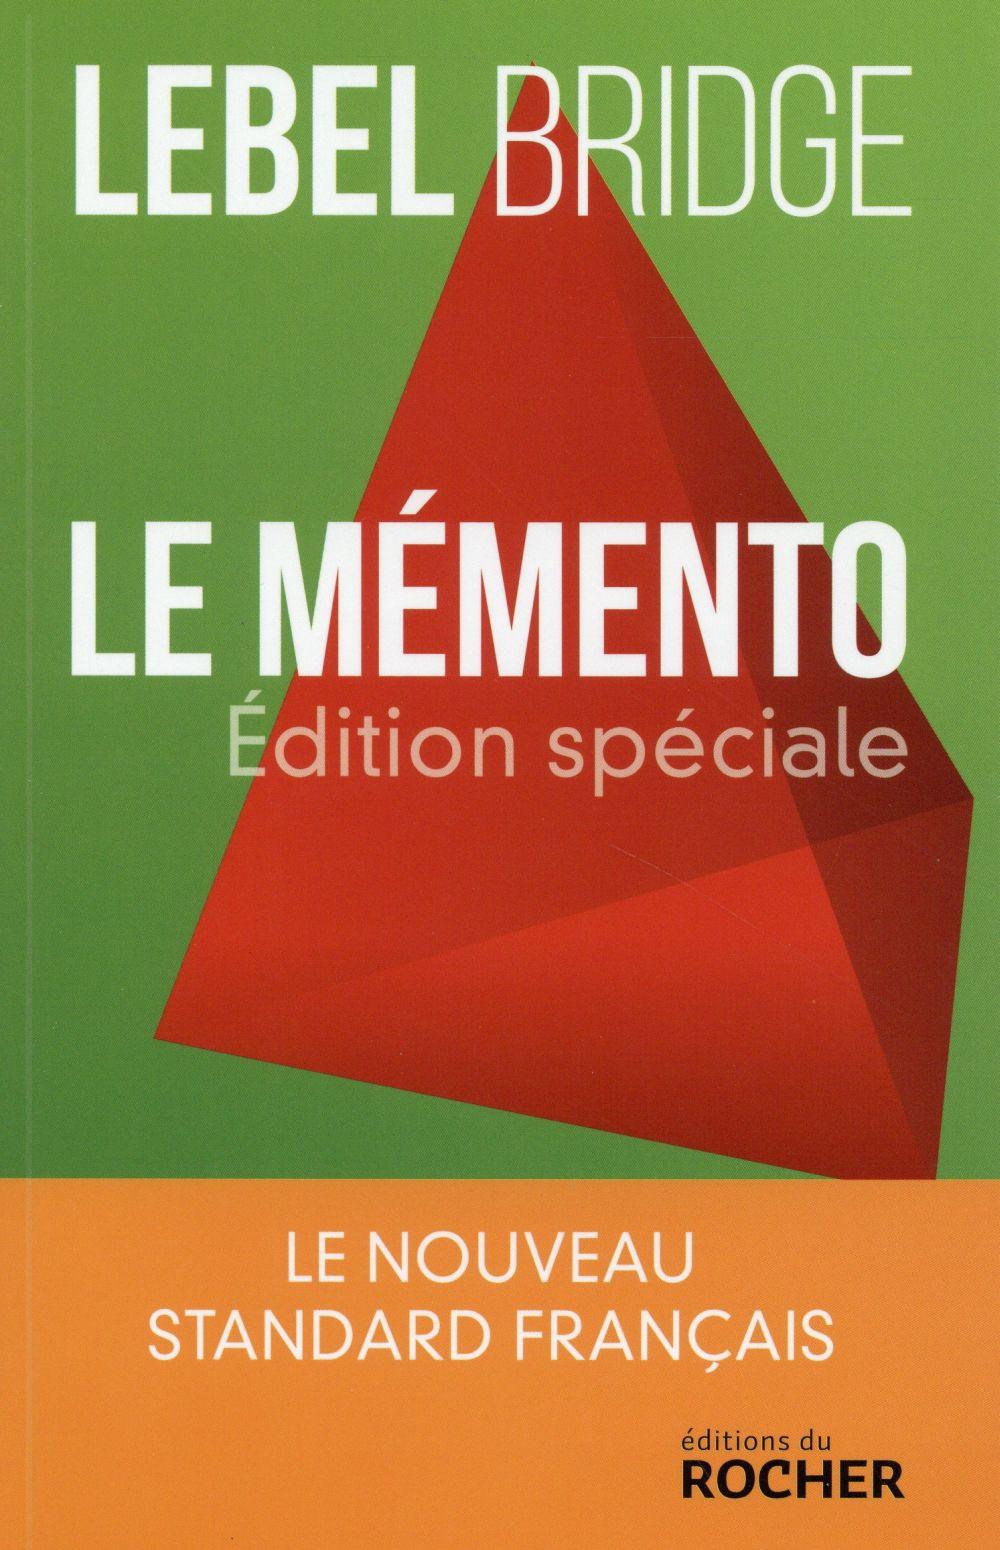 Le mémento ; édition spéciale